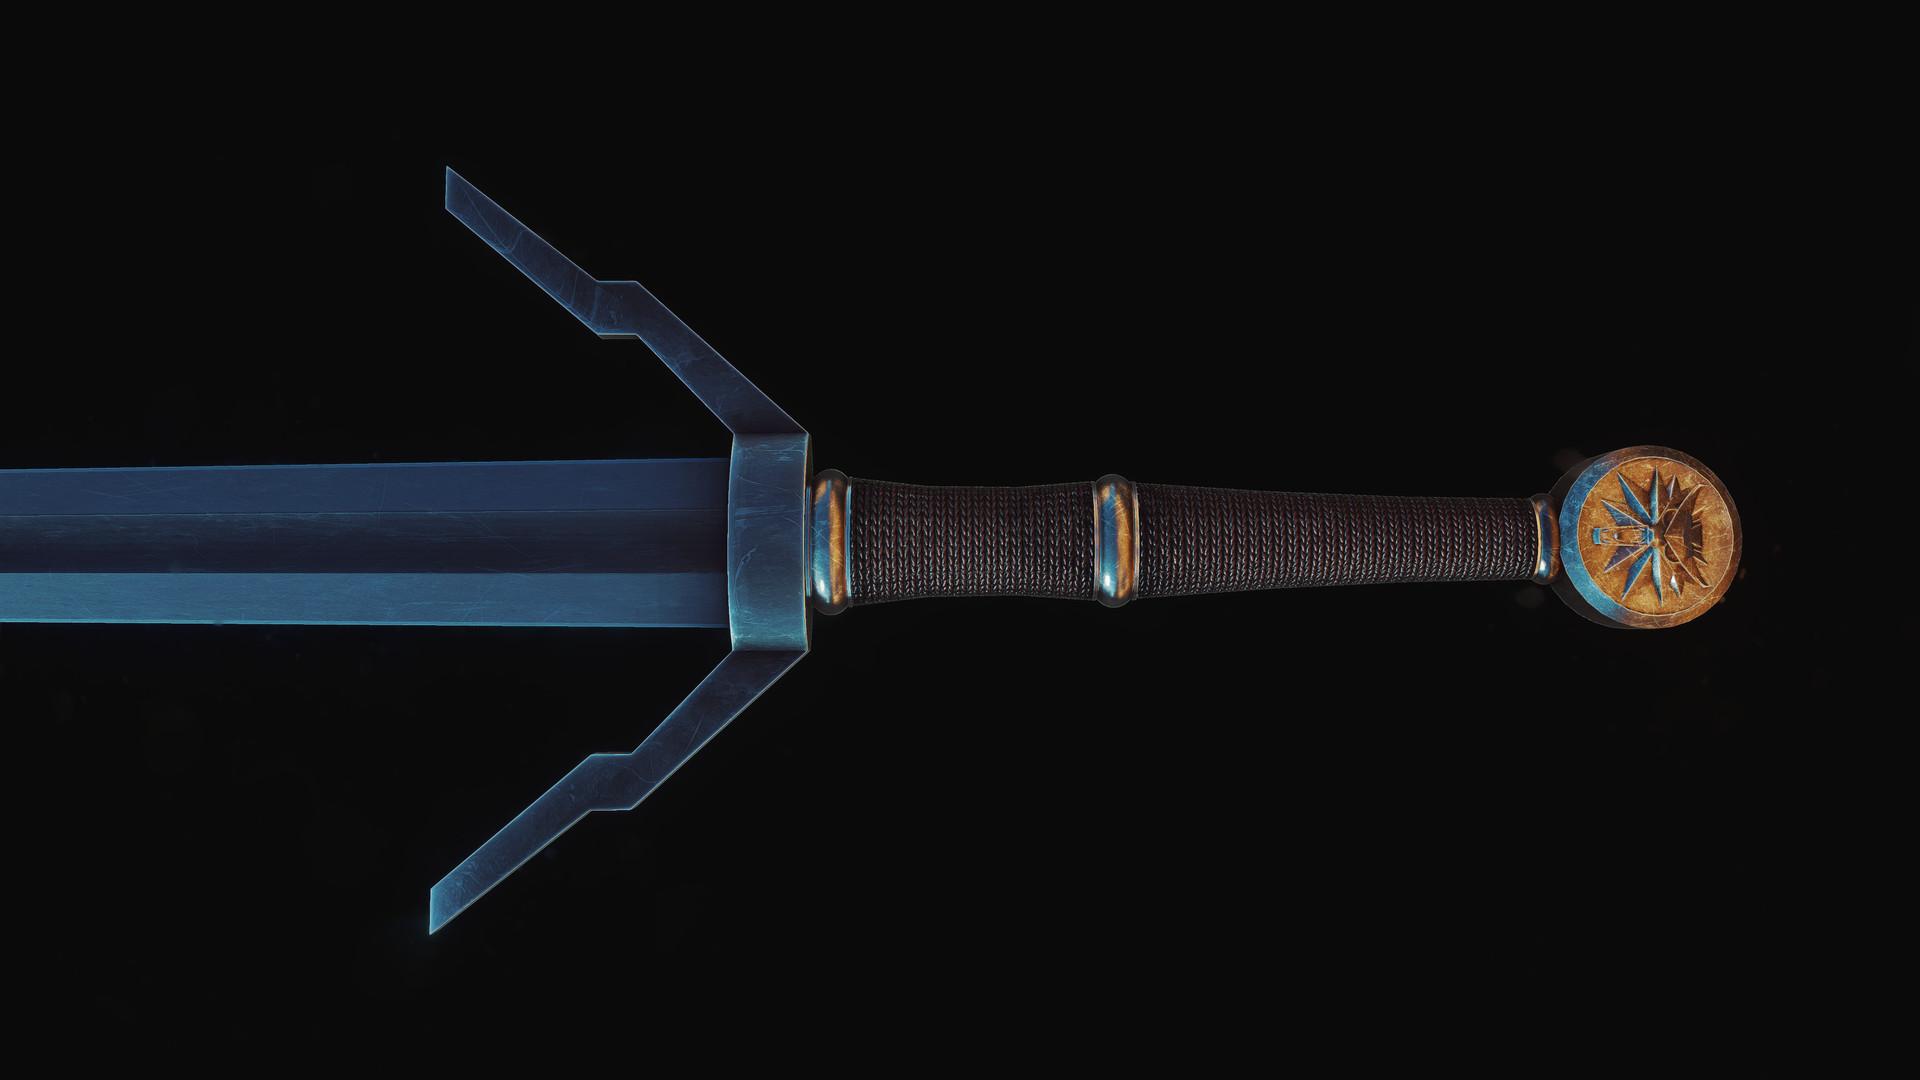 ArtStation - Witcher Silver Sword, Alvaras Turskas